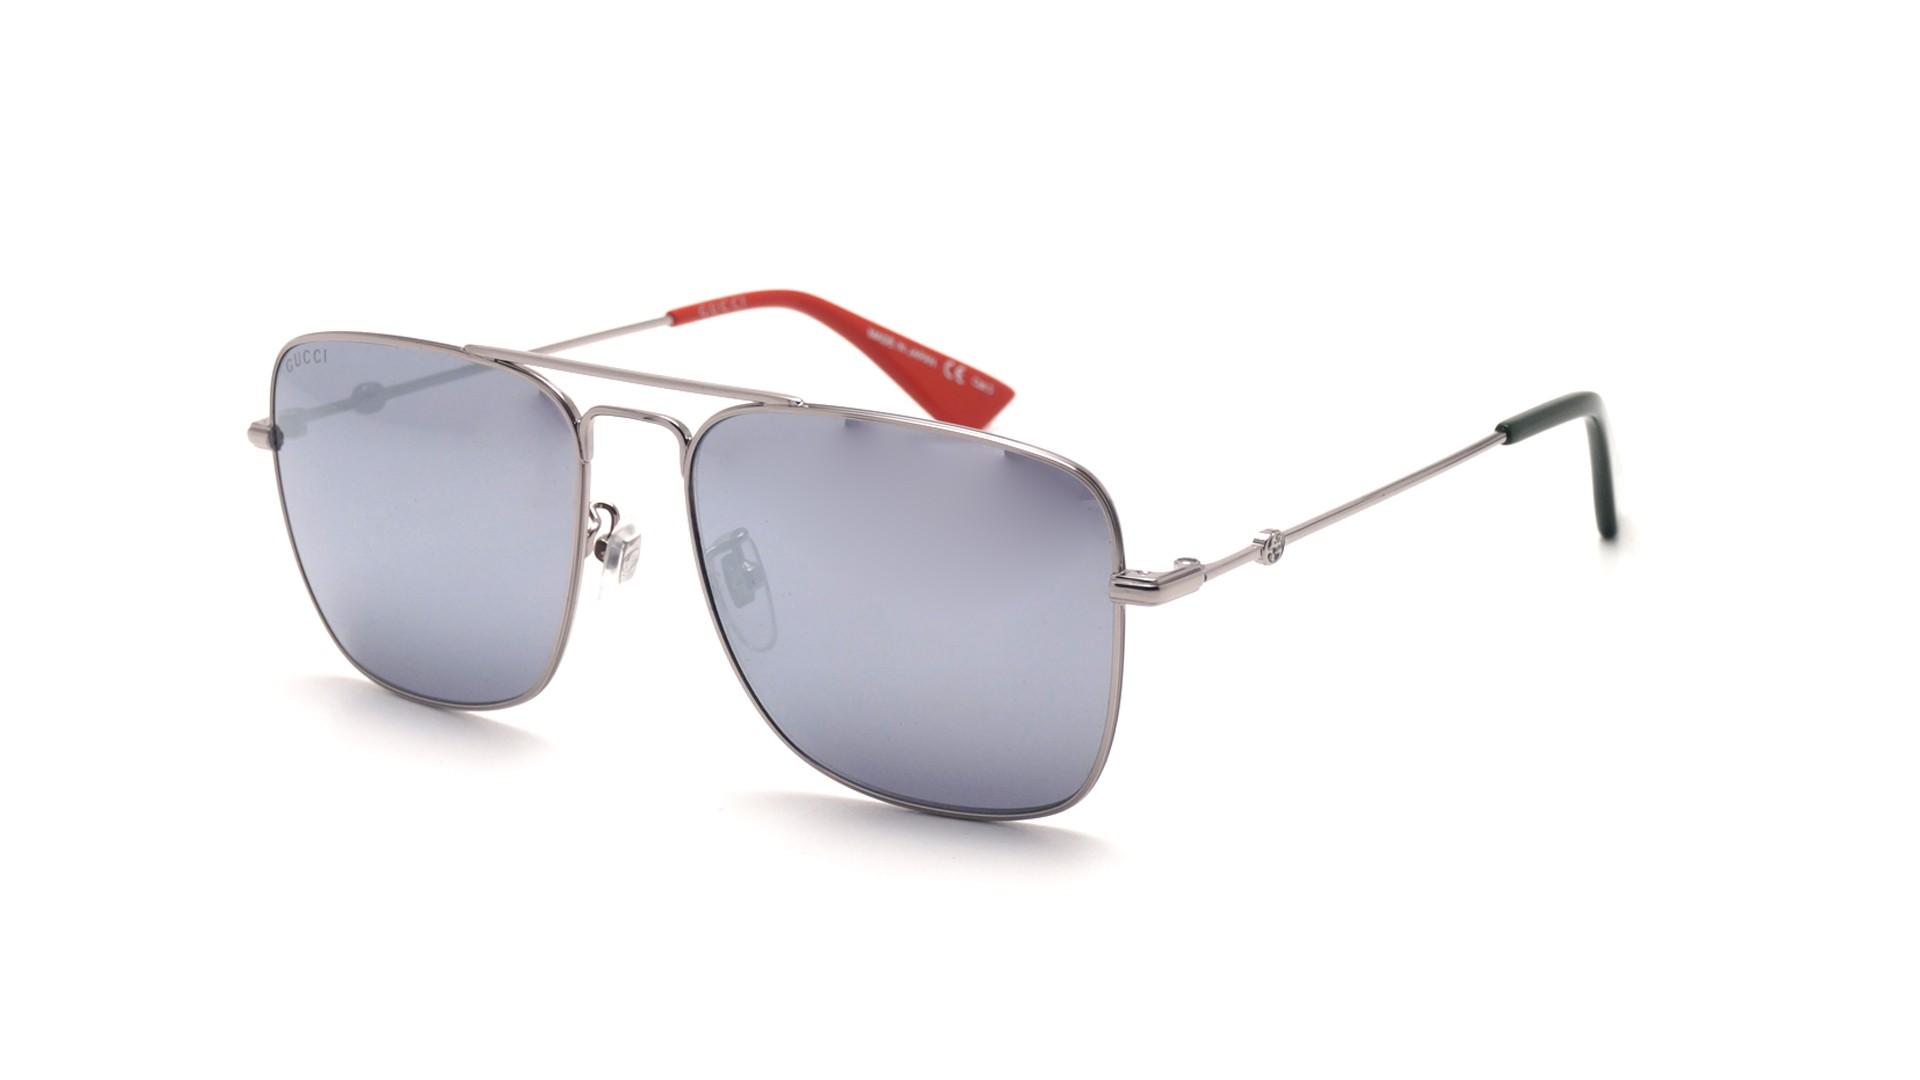 d3bf09fe5c2 Sunglasses Gucci GG0108S 005 55-16 Silver Large Mirror